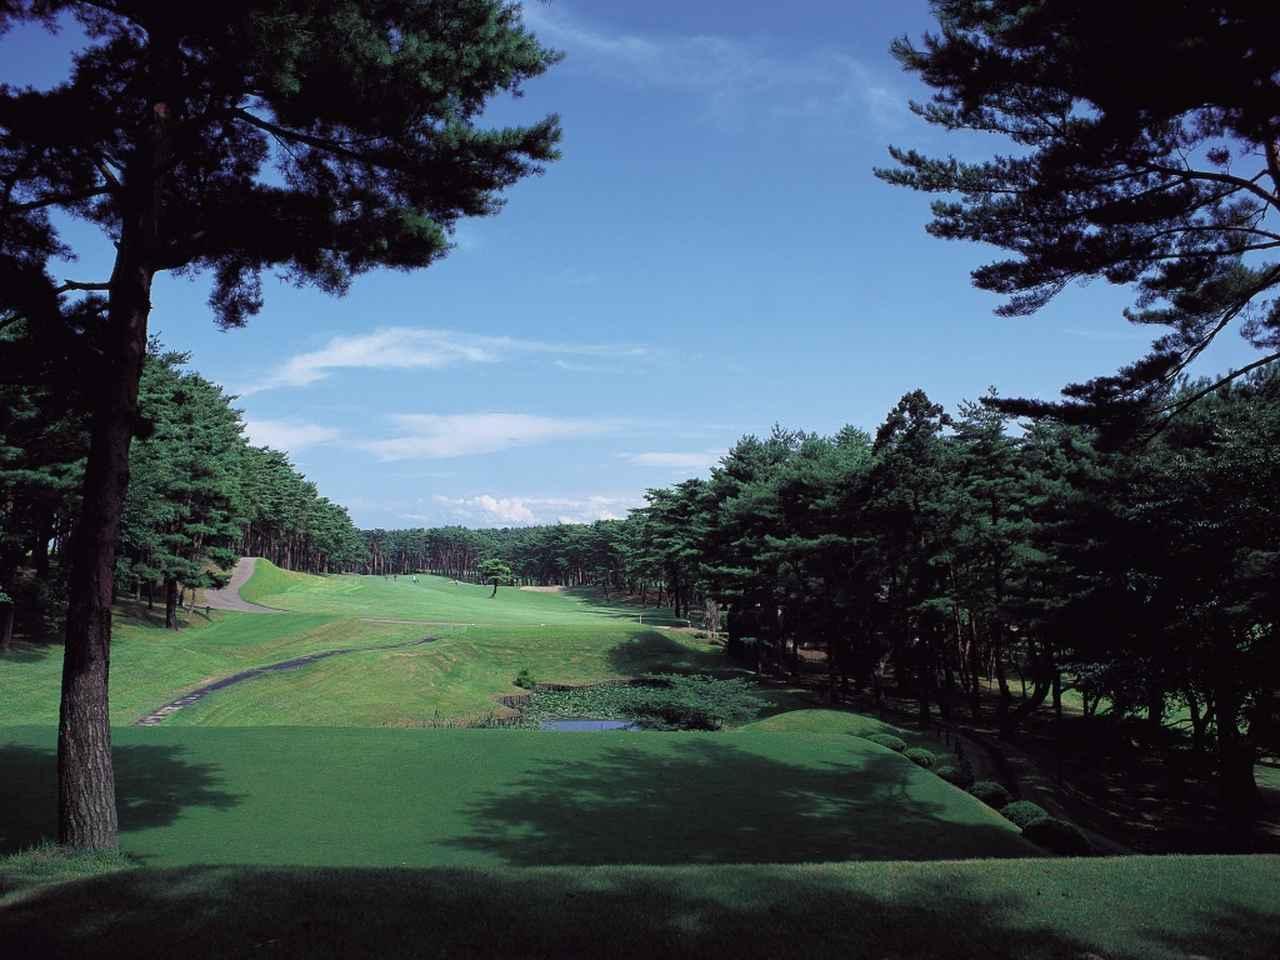 画像: 2番/415ヤード/パー4 弥彦山を望む建設地は、かつて長岡藩の支藩・三根山藩の調練場で、ほぼ平地に近い丘陵地。33年10月に6ホールで仮オープン、9ホールの完成は翌春だった